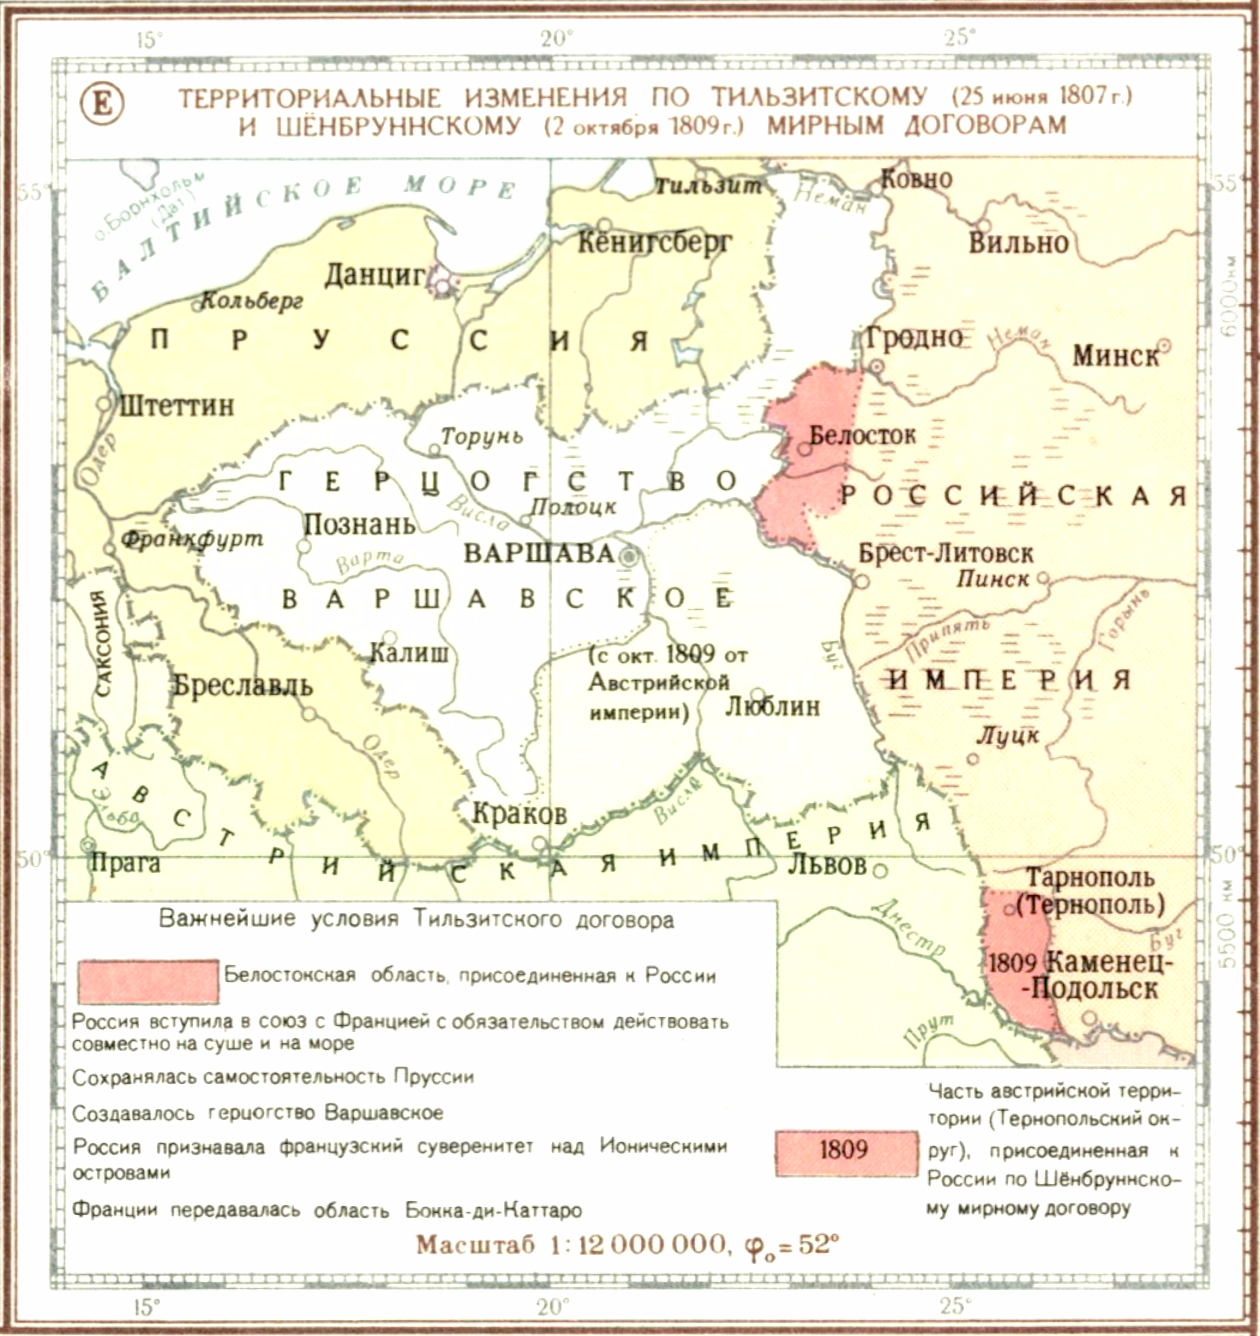 Почему россия вела войны с францией в составе коалиций при ответе